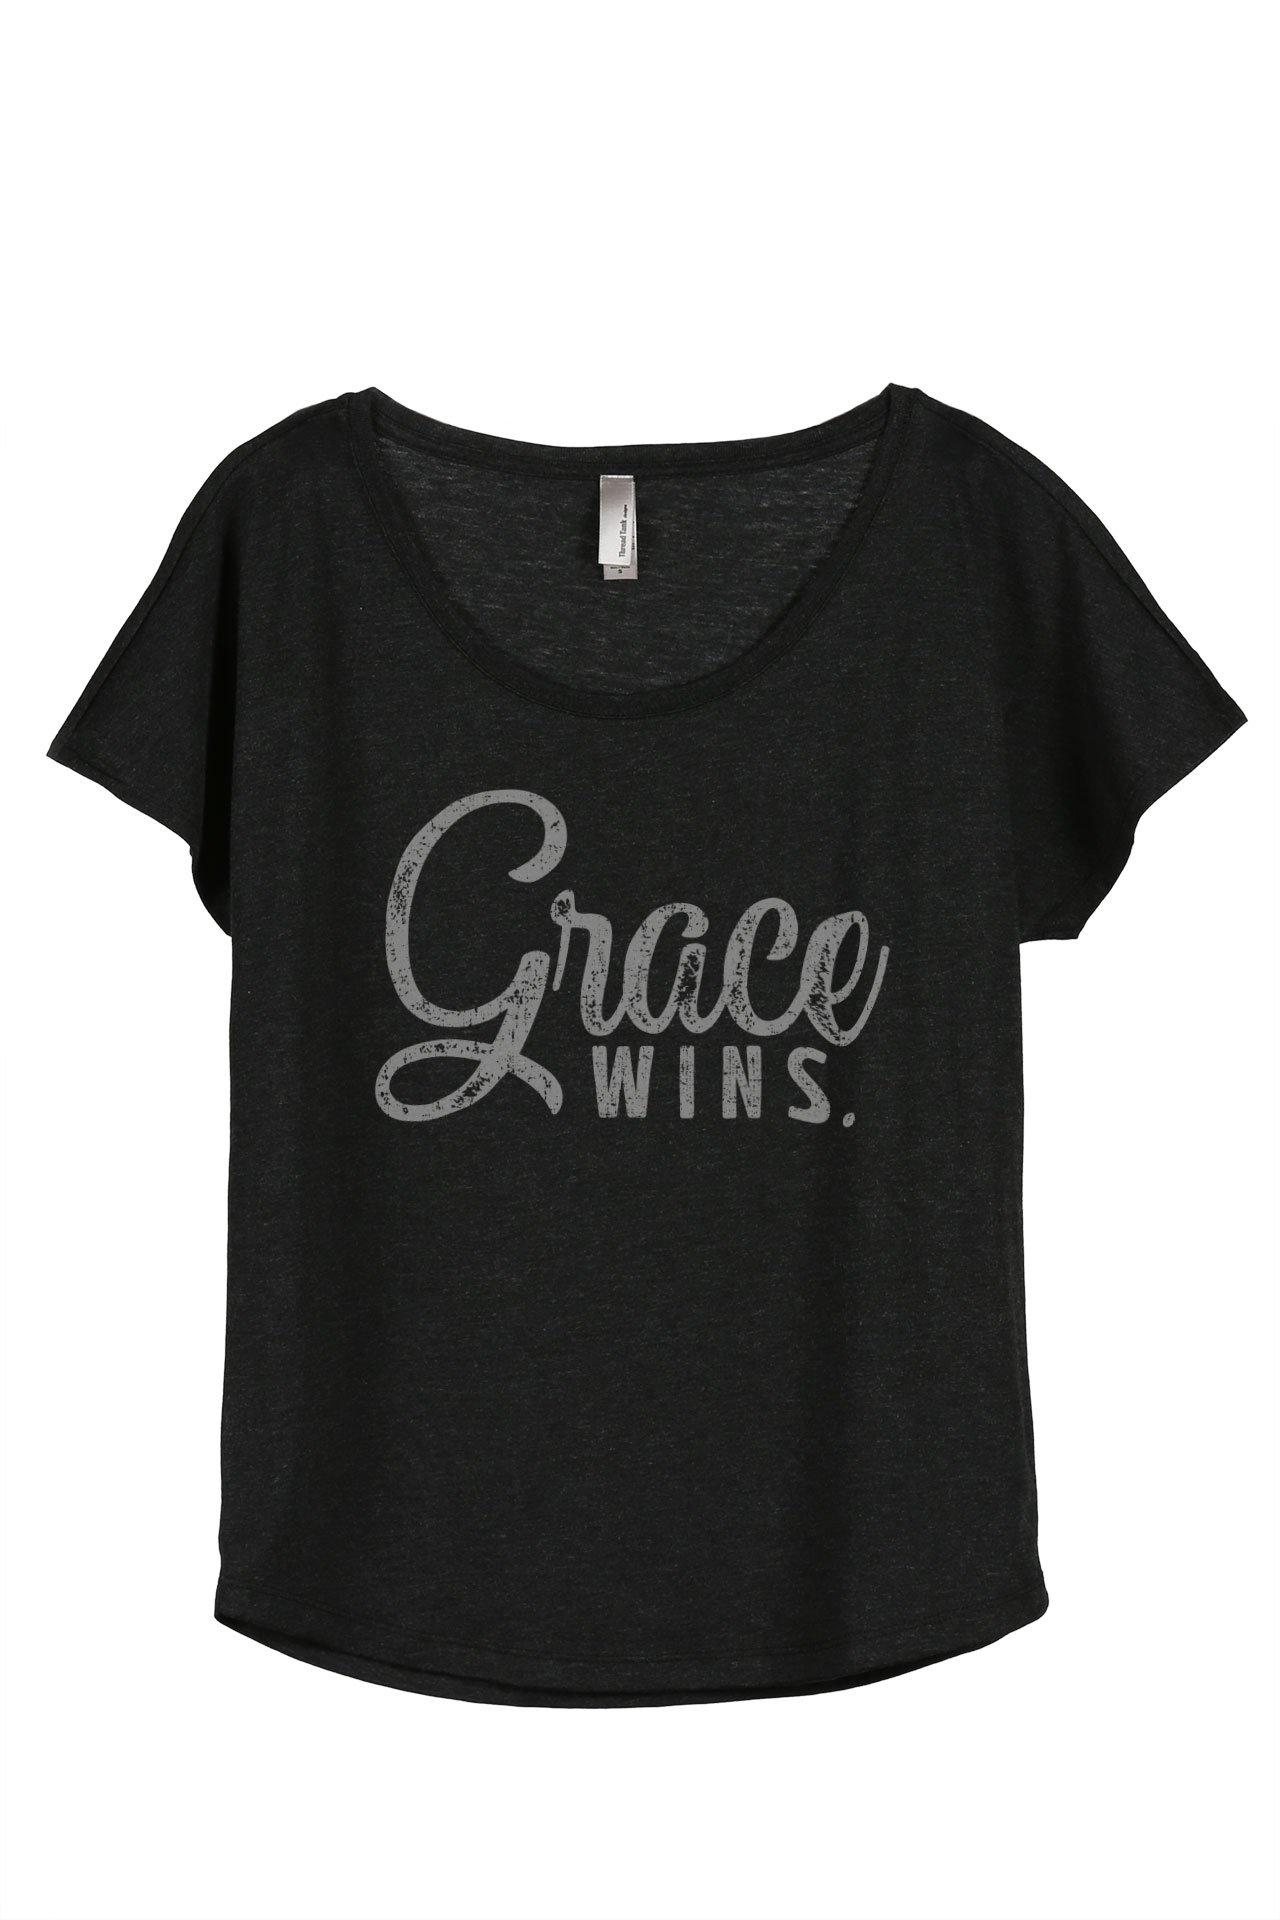 Grace Wins Fashion Slouchy Dolman 2275 Shirts